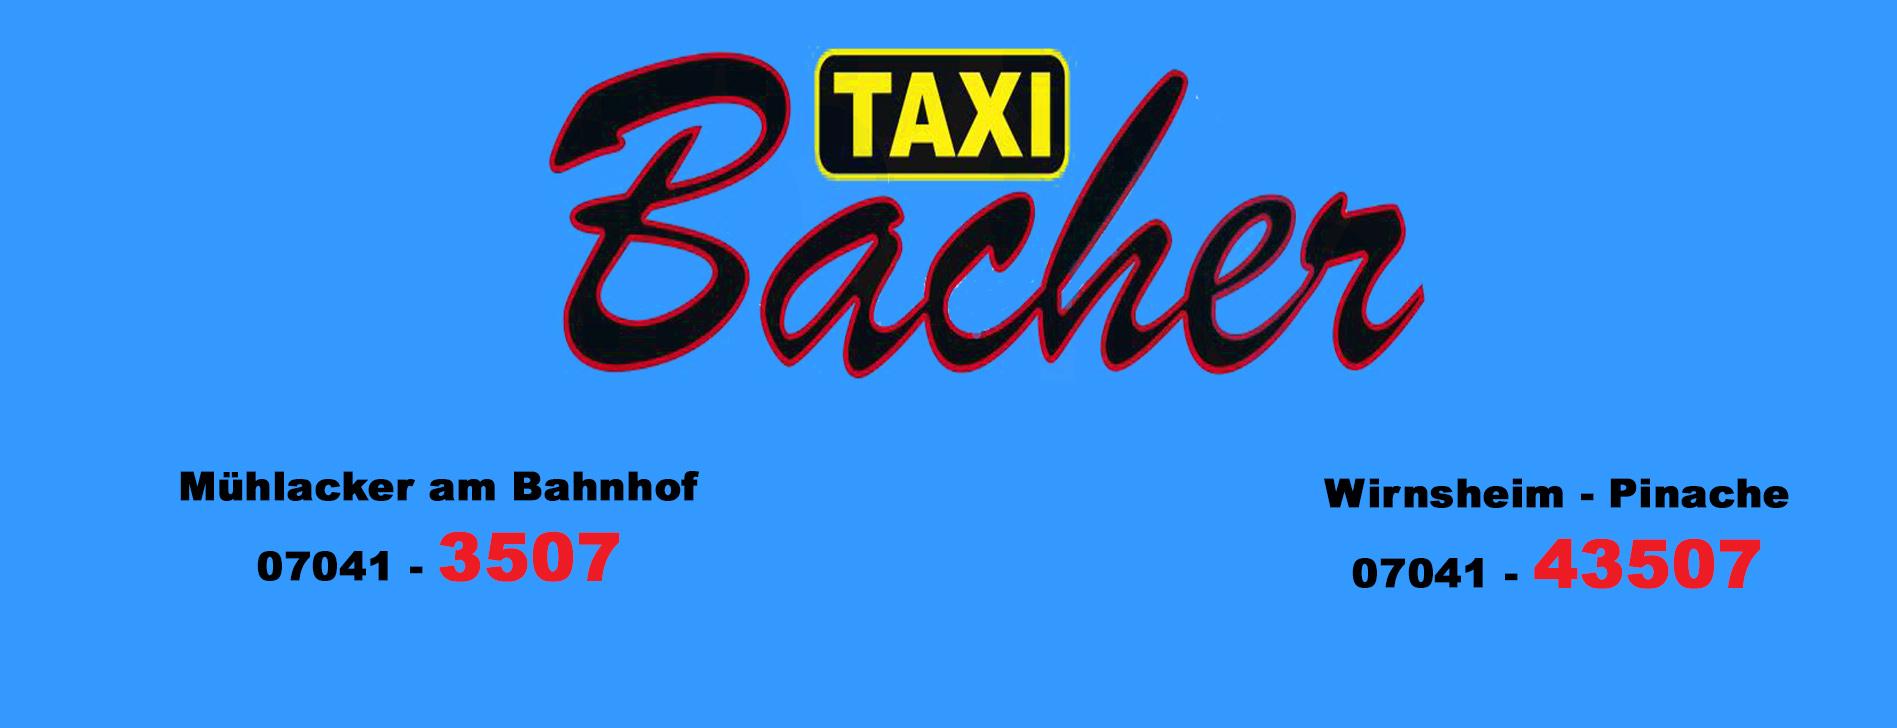 TAxibacher mit telefon